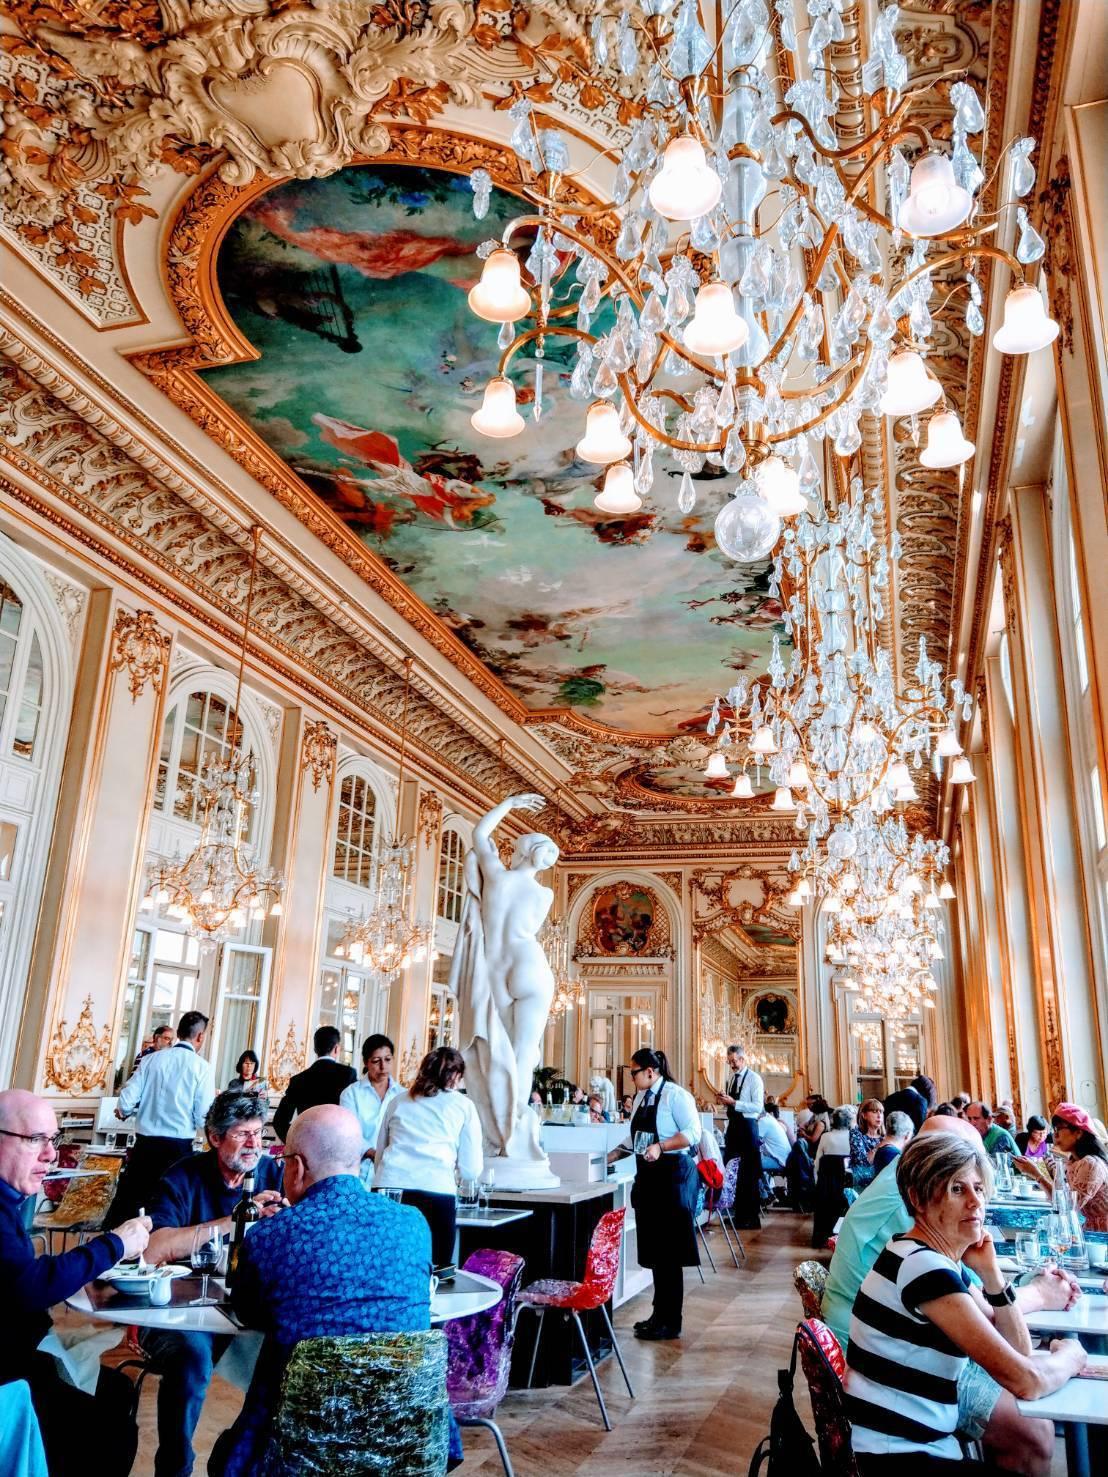 奧賽美術館二樓餐廳,最大賣點是鍍金、鑲著浮雕及一大片壁畫的天花板,及上面垂吊的華...